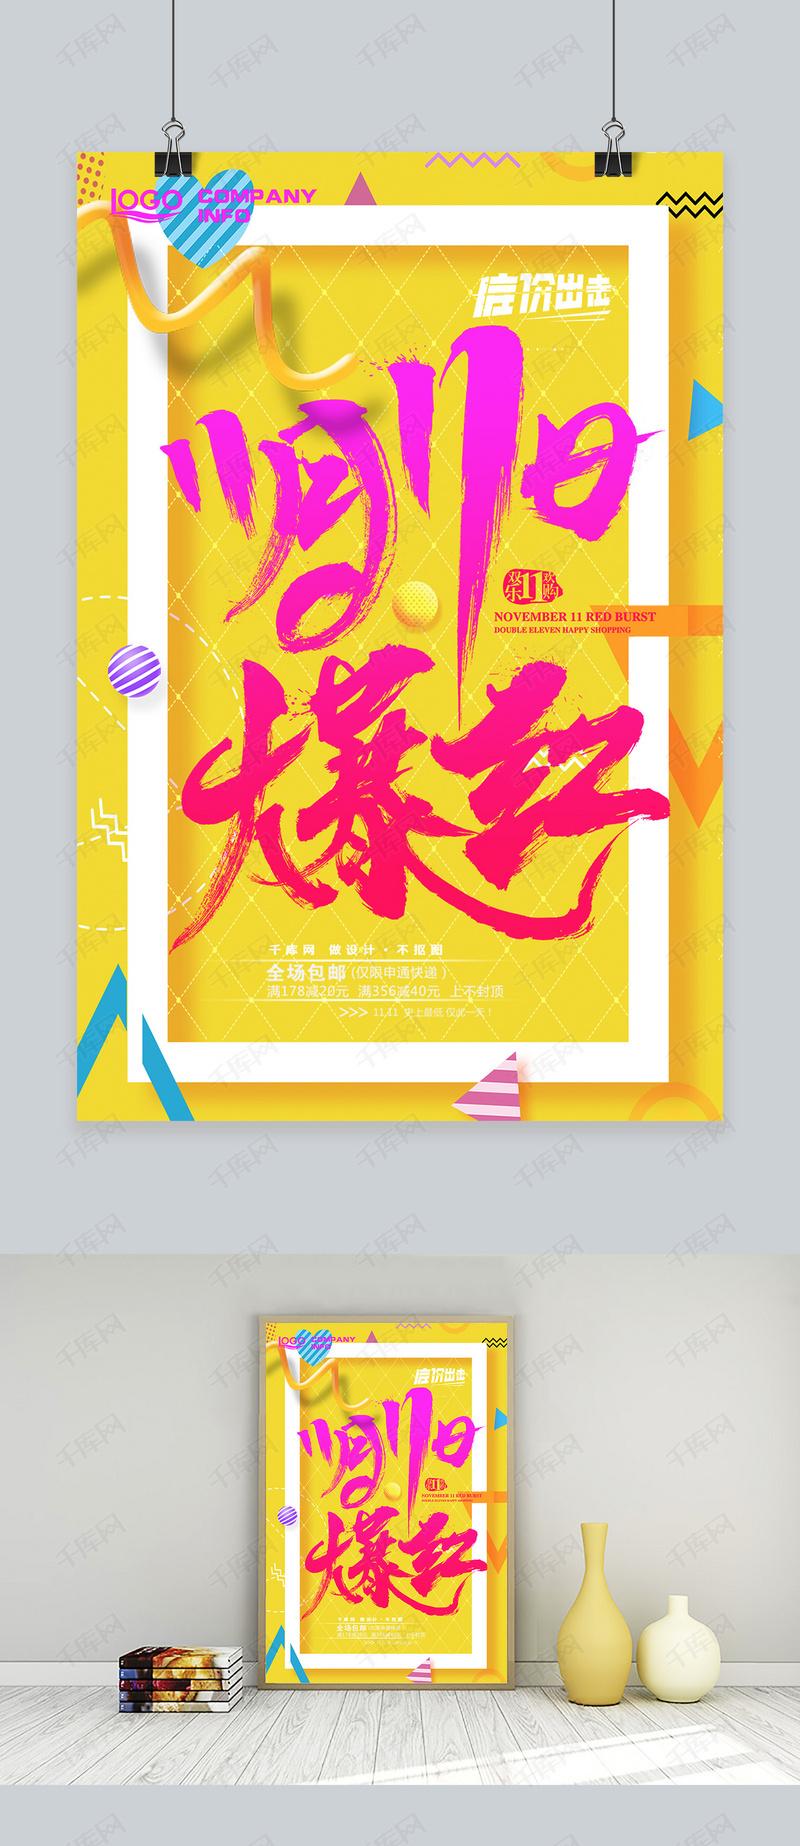 双十一黄色活泼电商促销底价出击海报